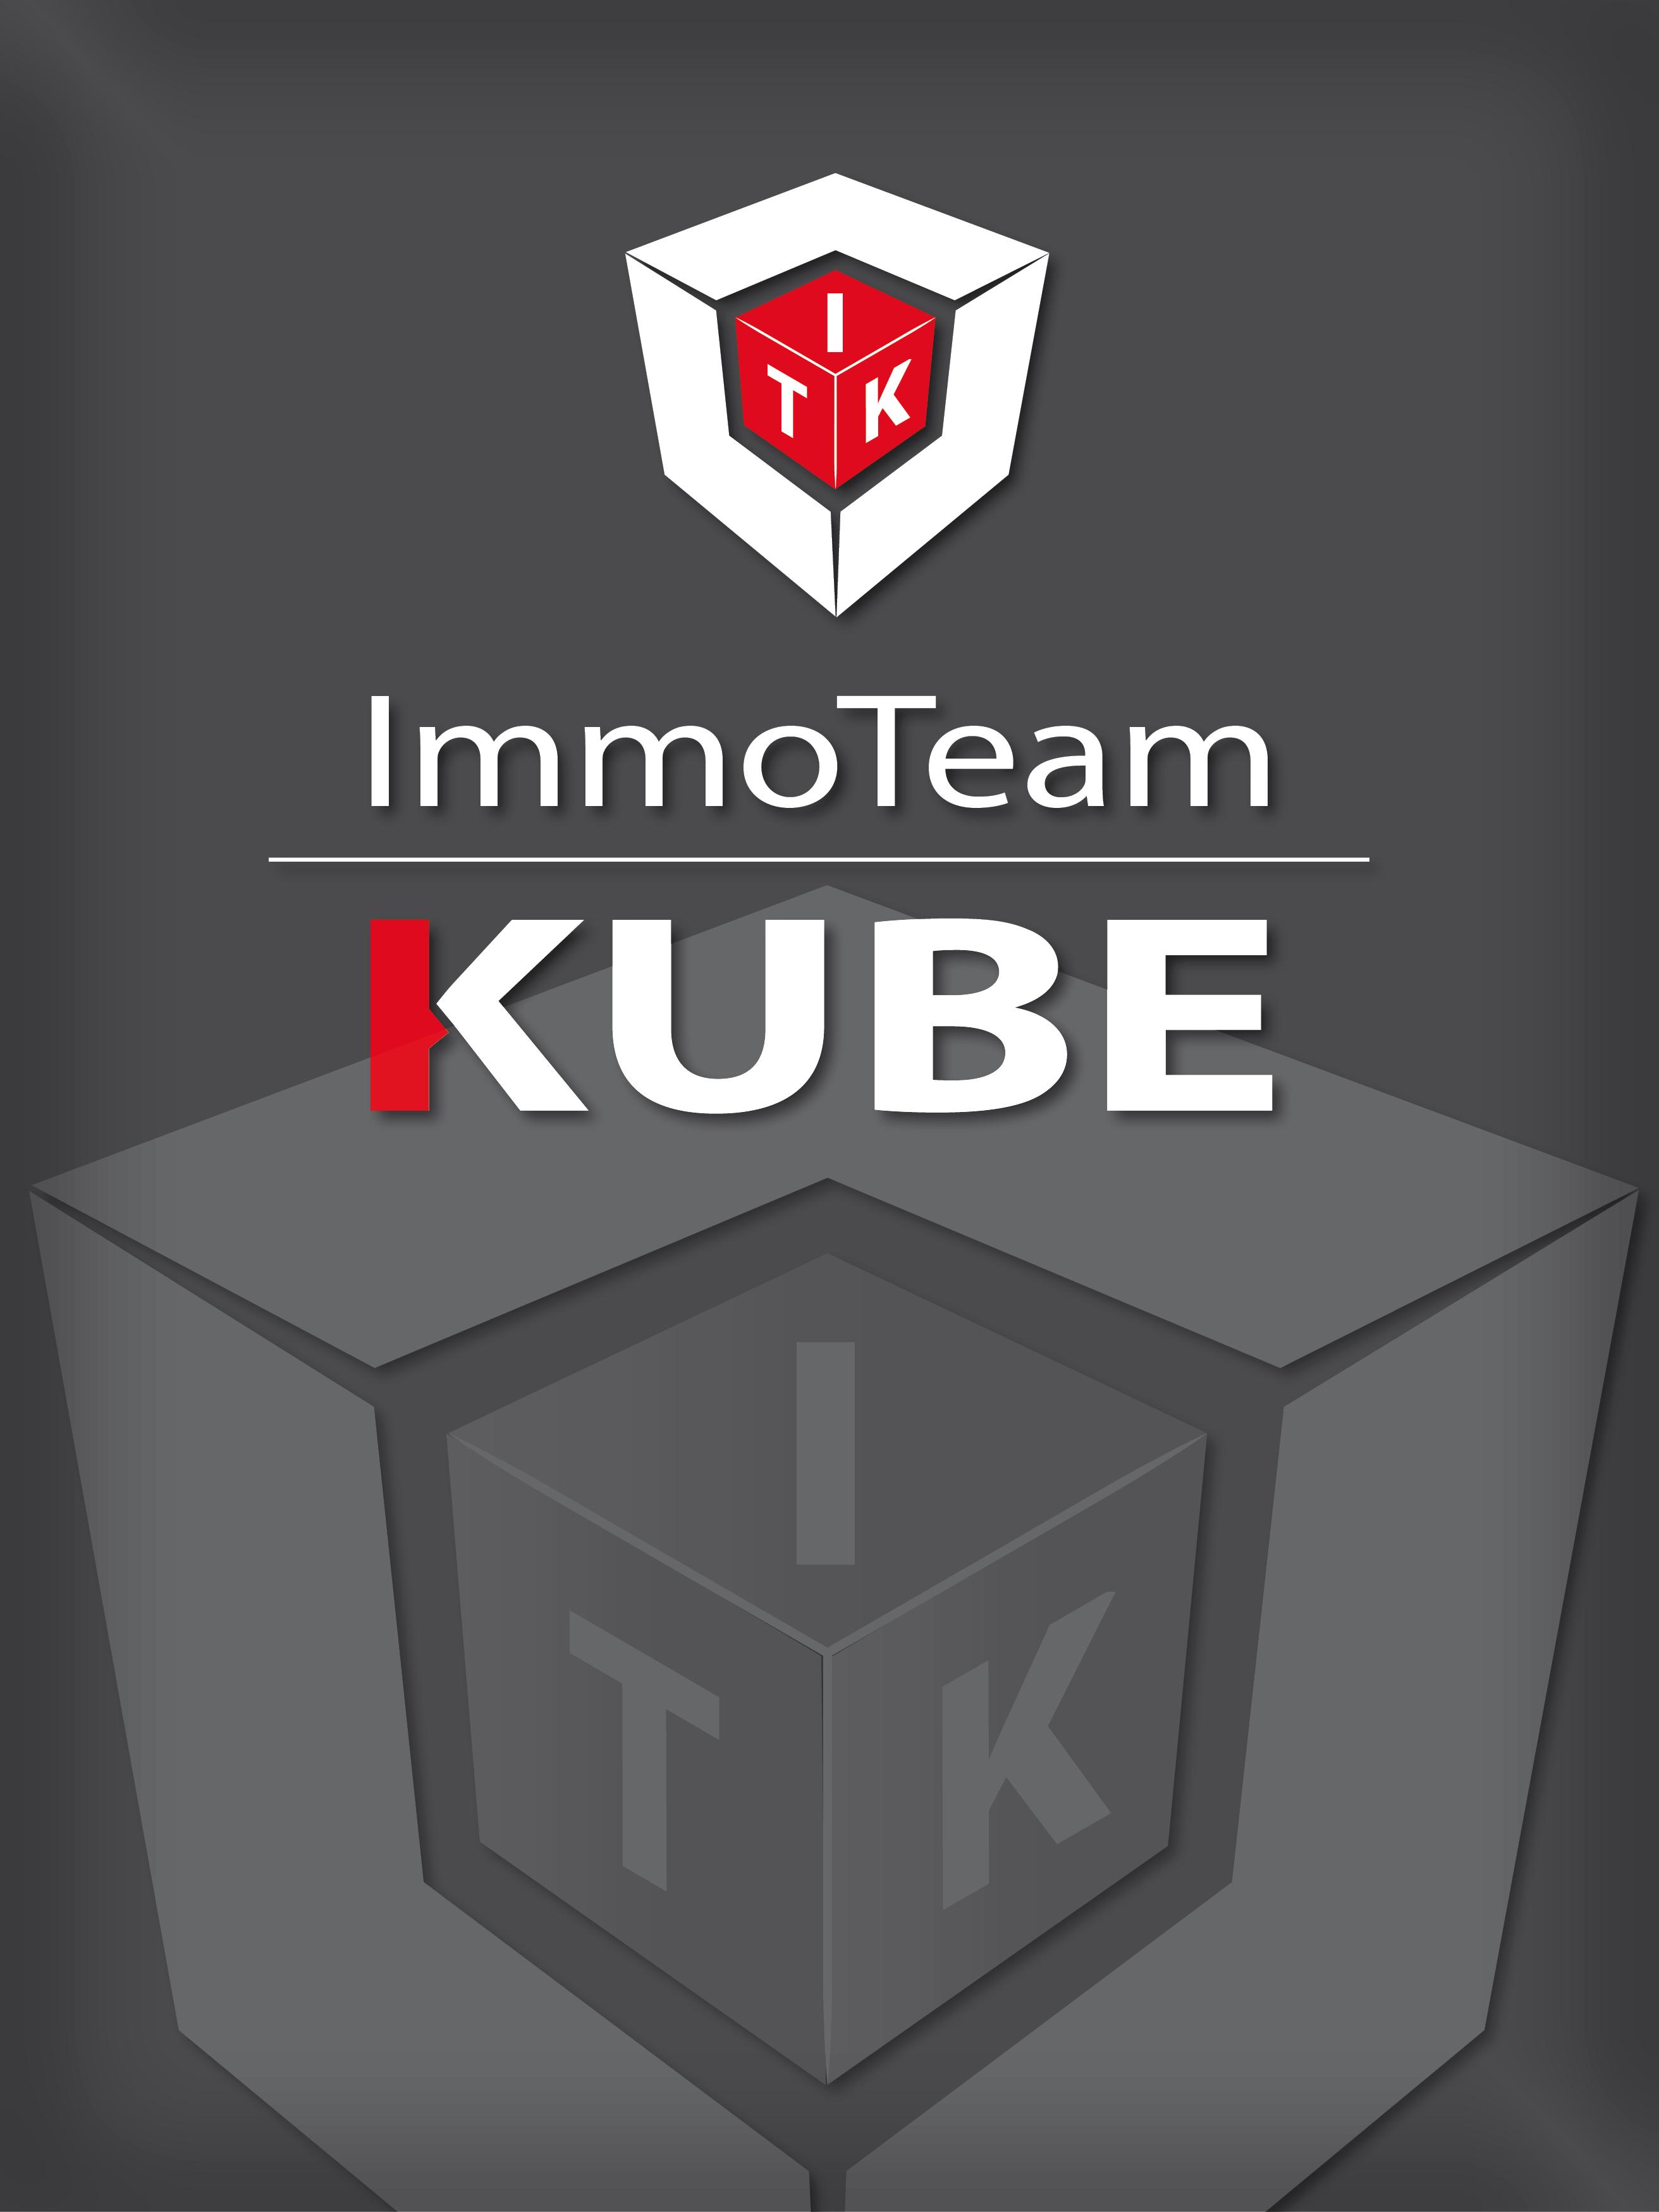 Hier sehen Sie das Logo von ImmoTeam Kube